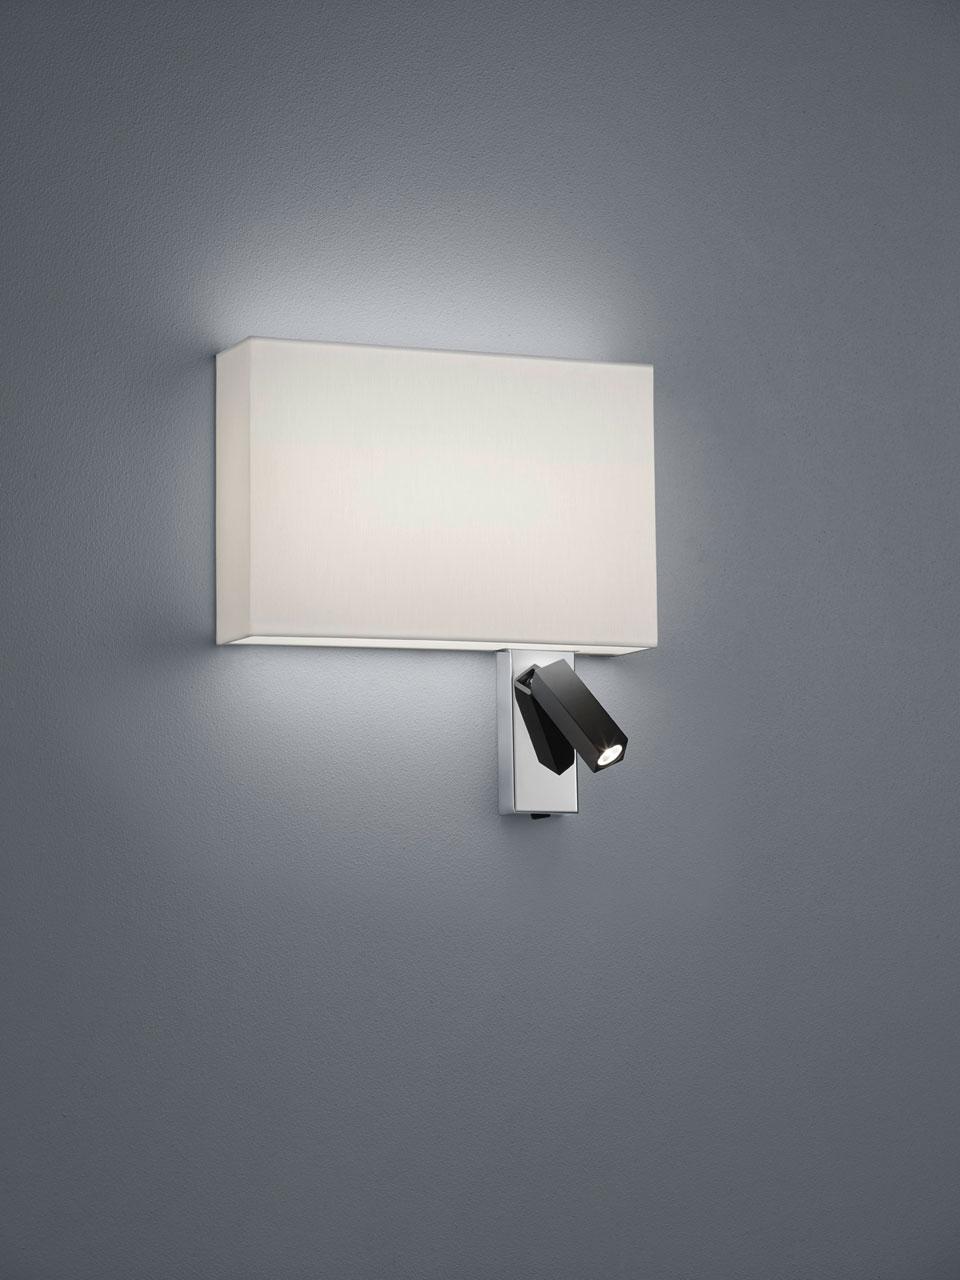 Bedside Wall Lamp Reading Rectangle Shade Baulmann Leuchten